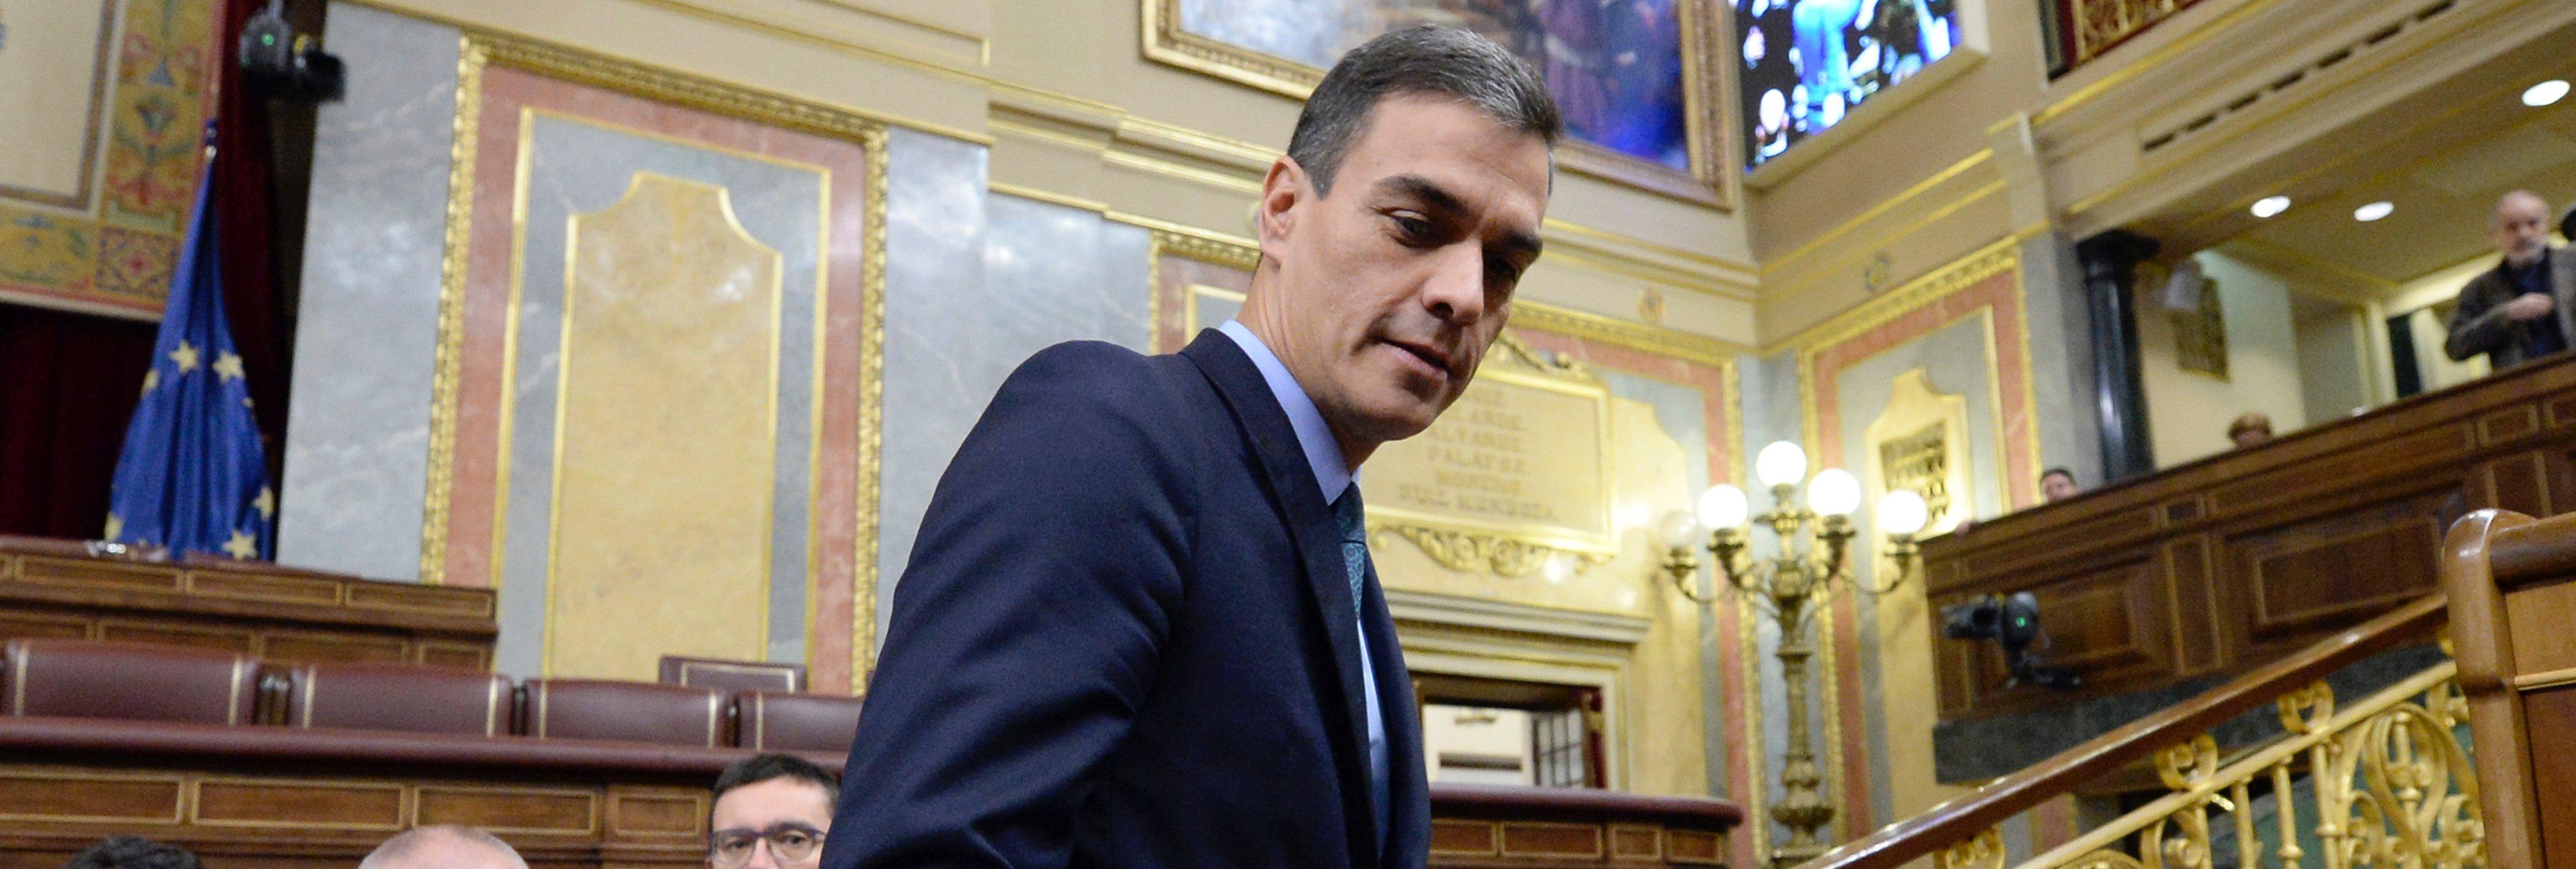 El Congreso rechaza los Presupuestos de Pedro Sánchez, que anunciará fecha de elecciones generales